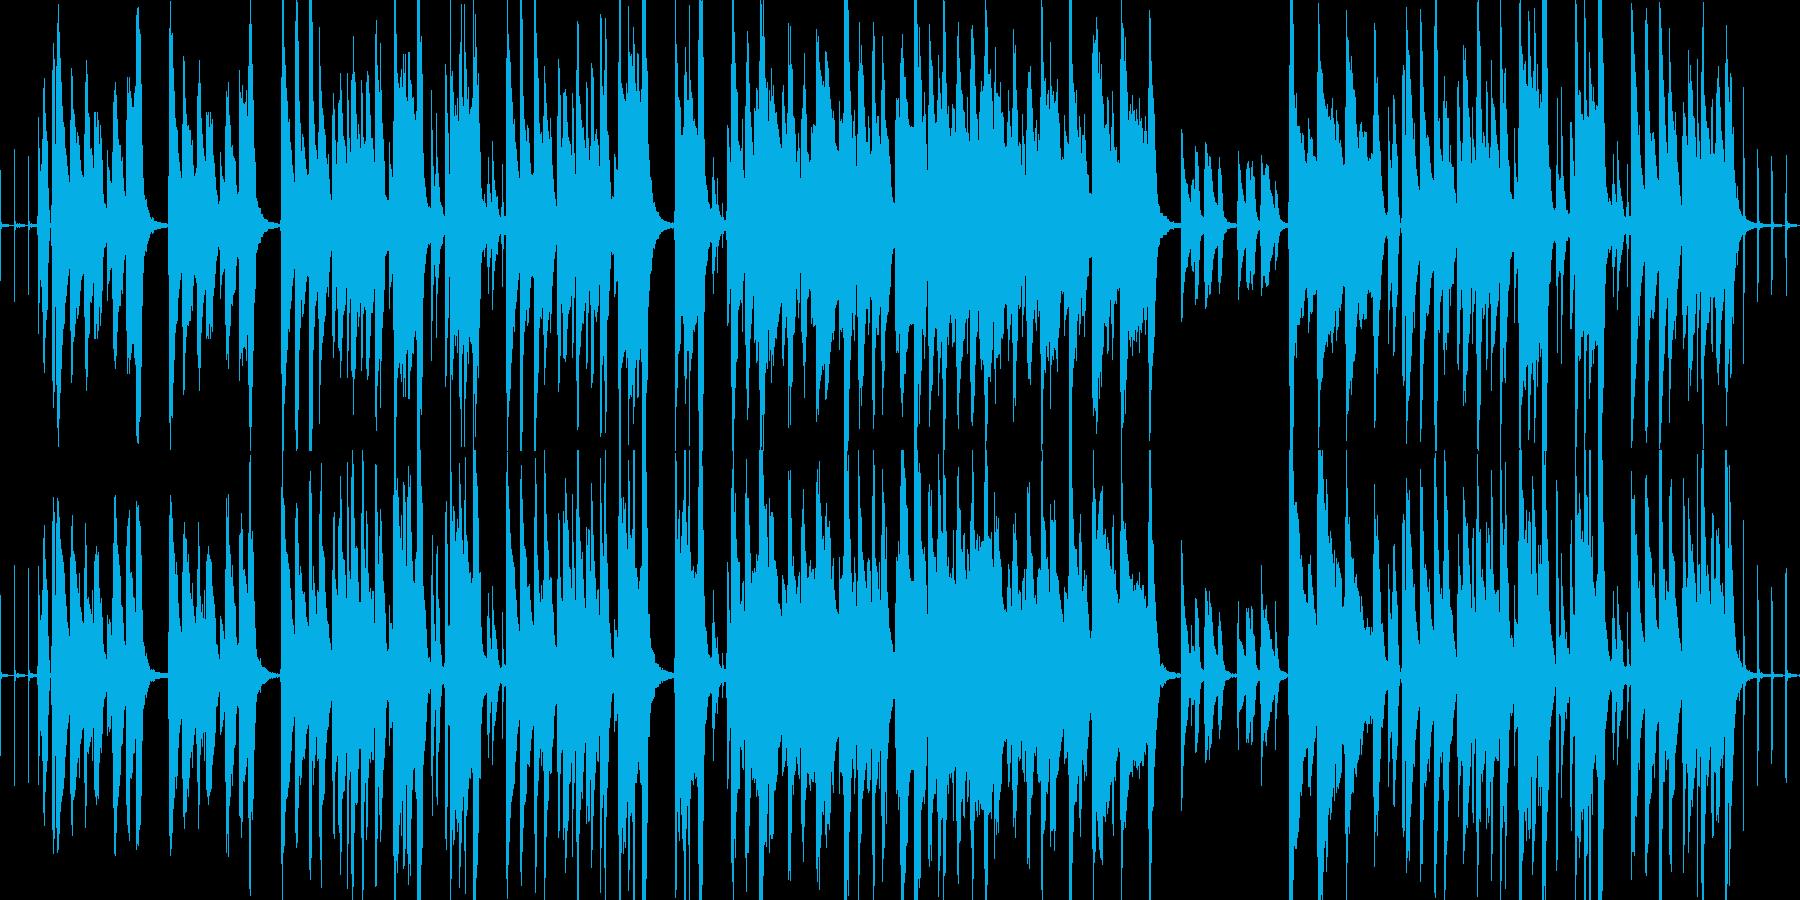 【ループ】ほのぼの日常なBGMの再生済みの波形